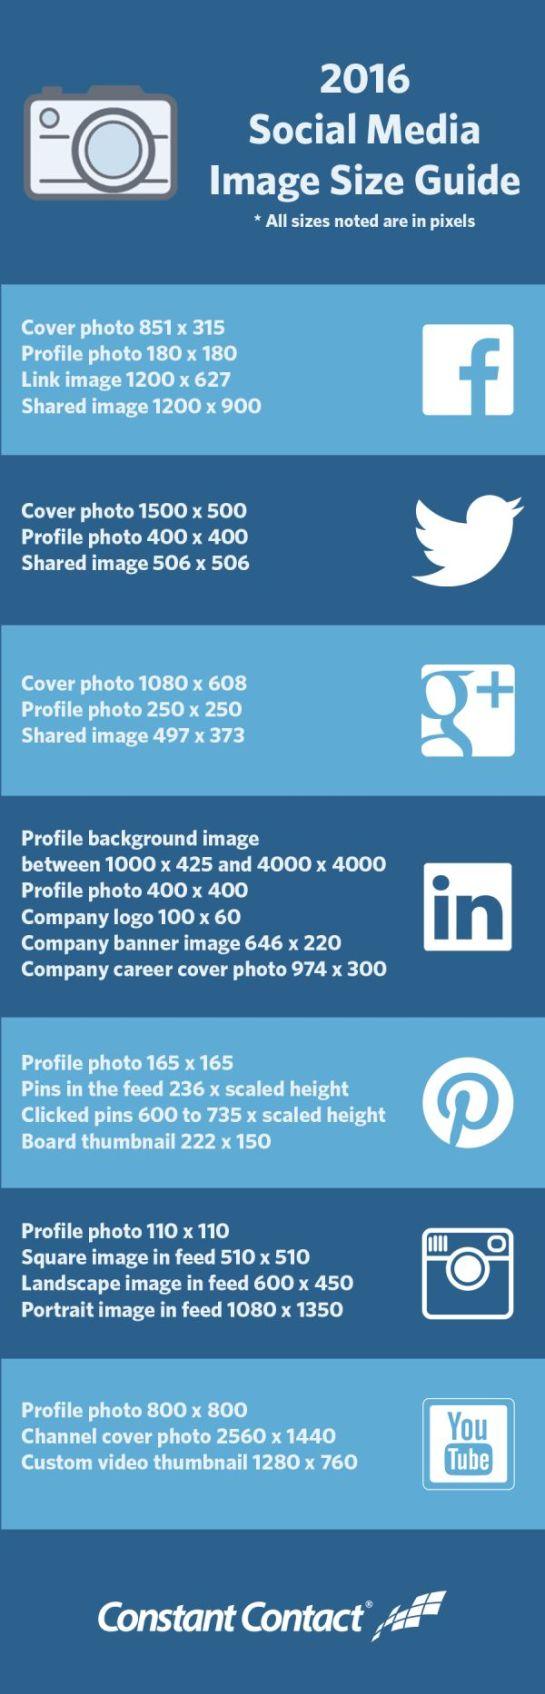 Guide des tailles d'images des réseaux sociaux SMO en 2016 - AUTOVEILLE